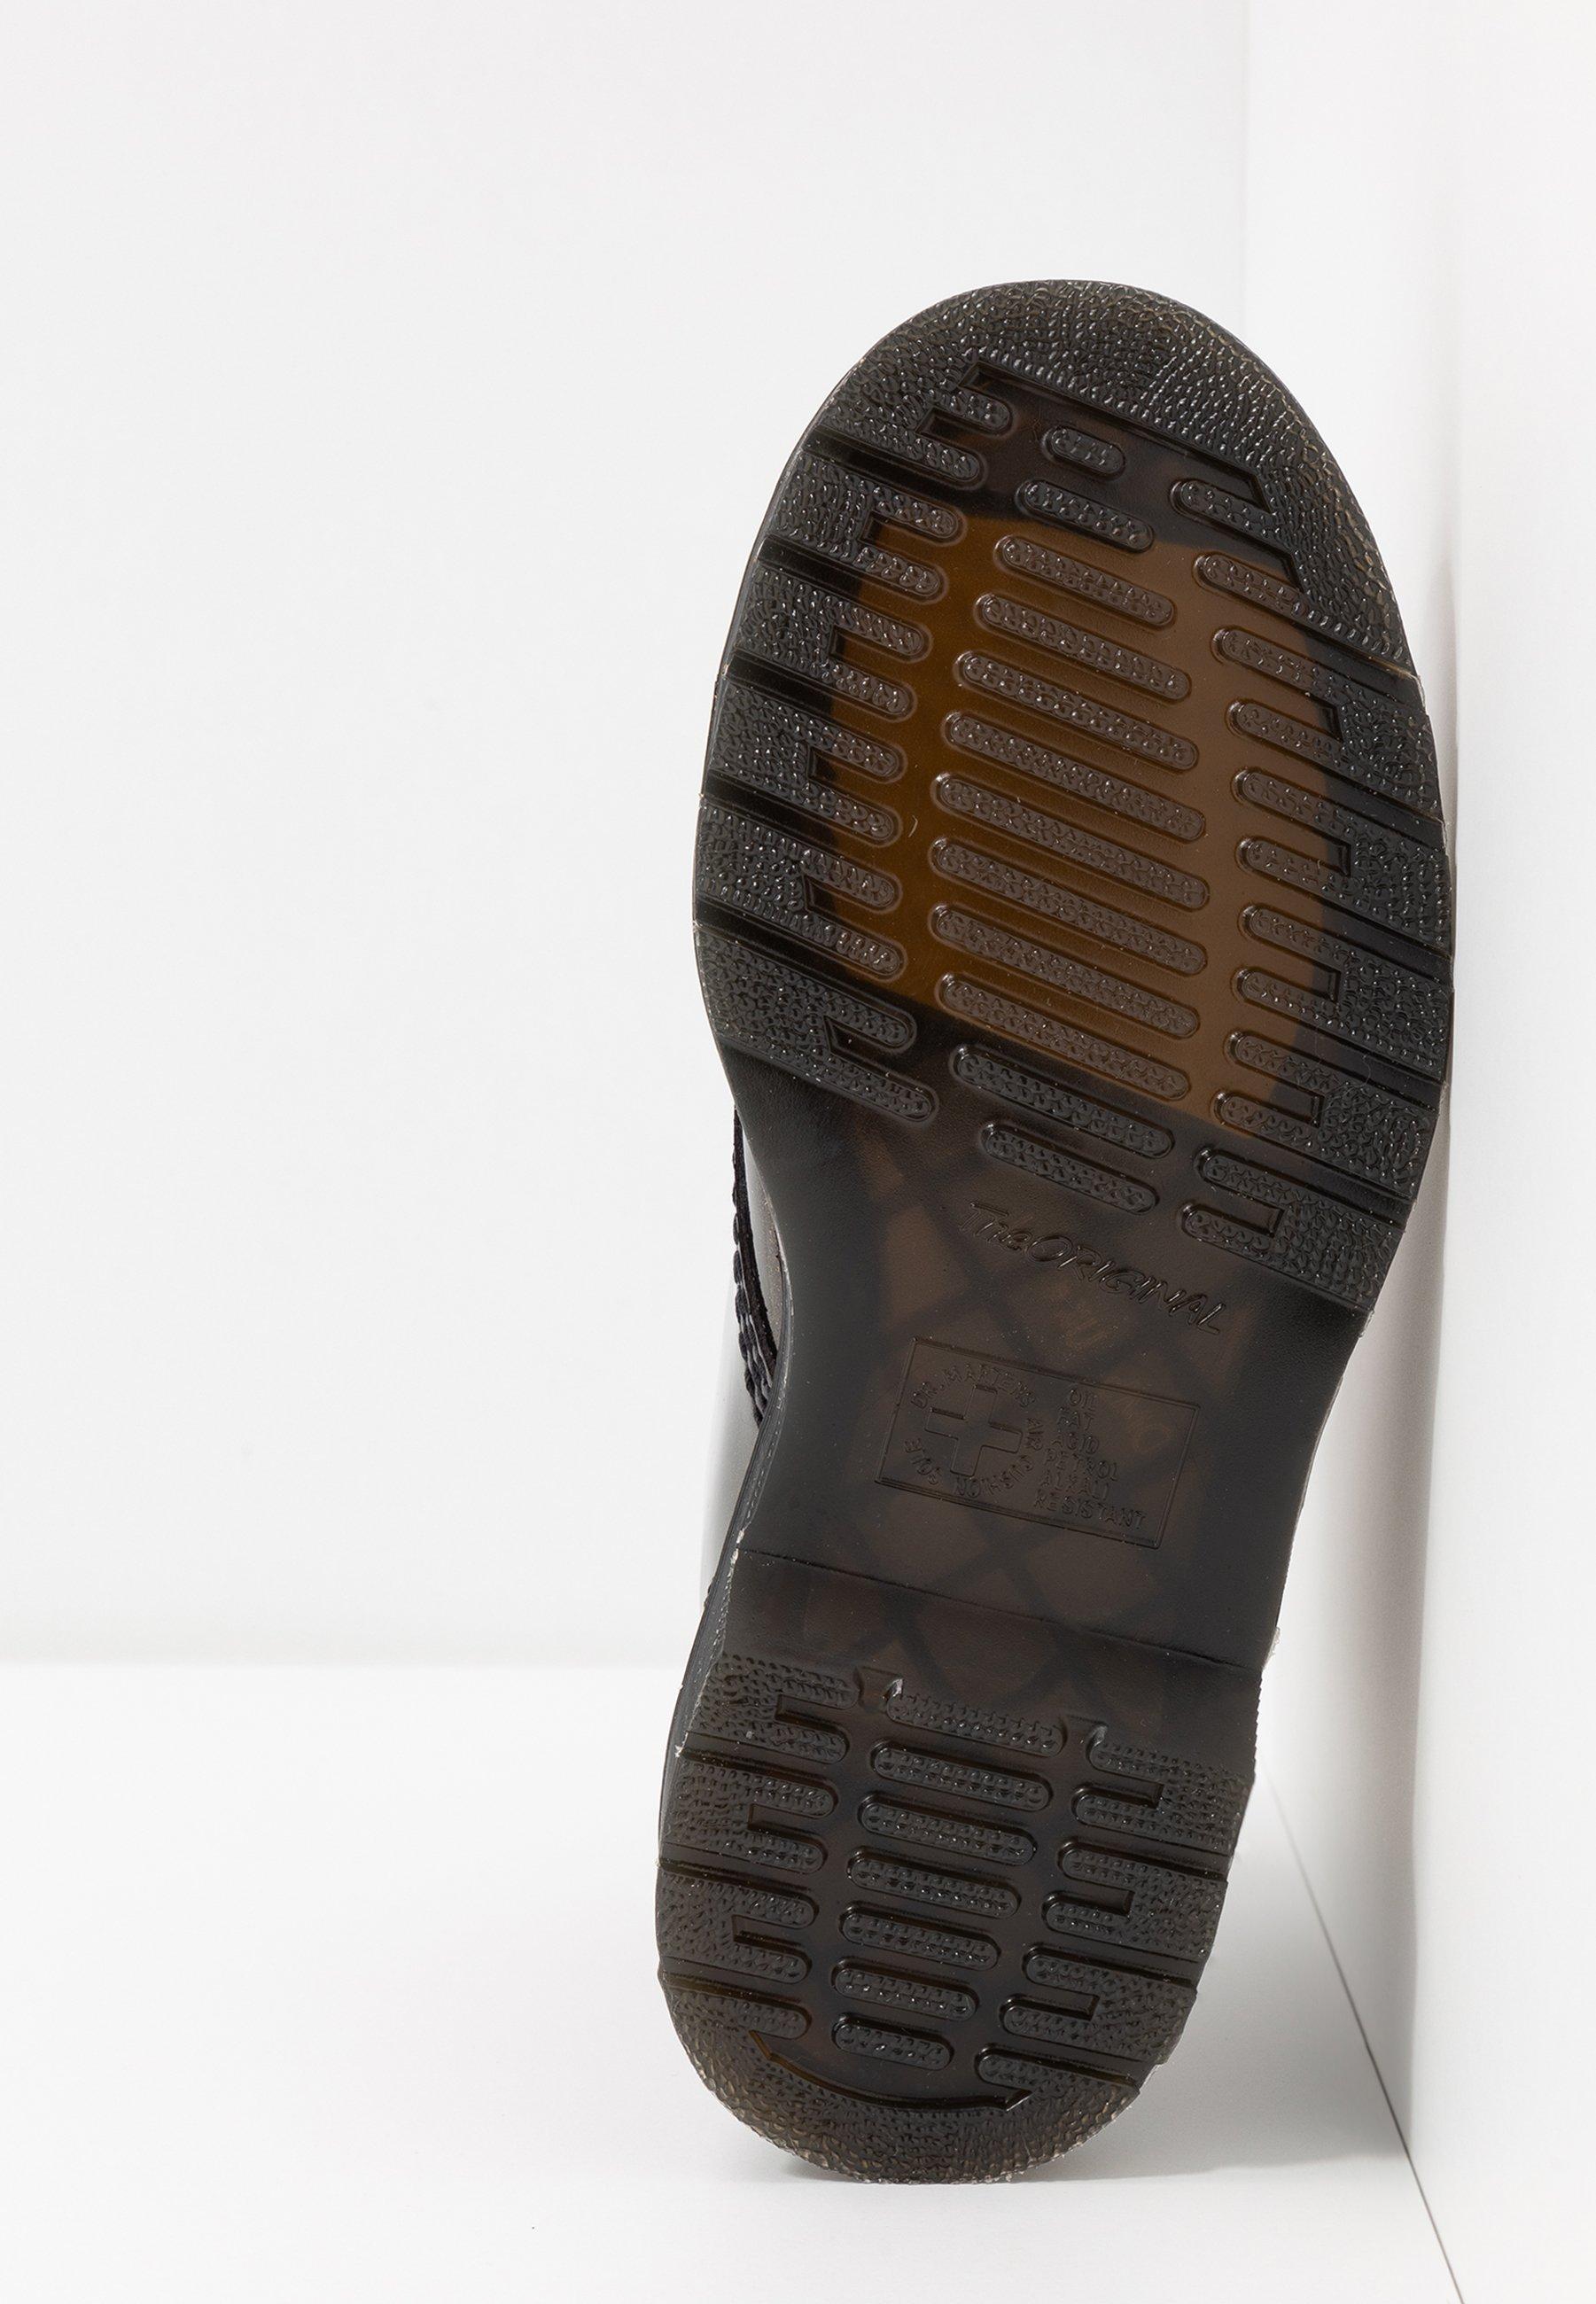 Dr. Martens 1460 8 EYE BOOT - Schnürstiefelette - purple/royal sparkle | Damen Schuhe 2020